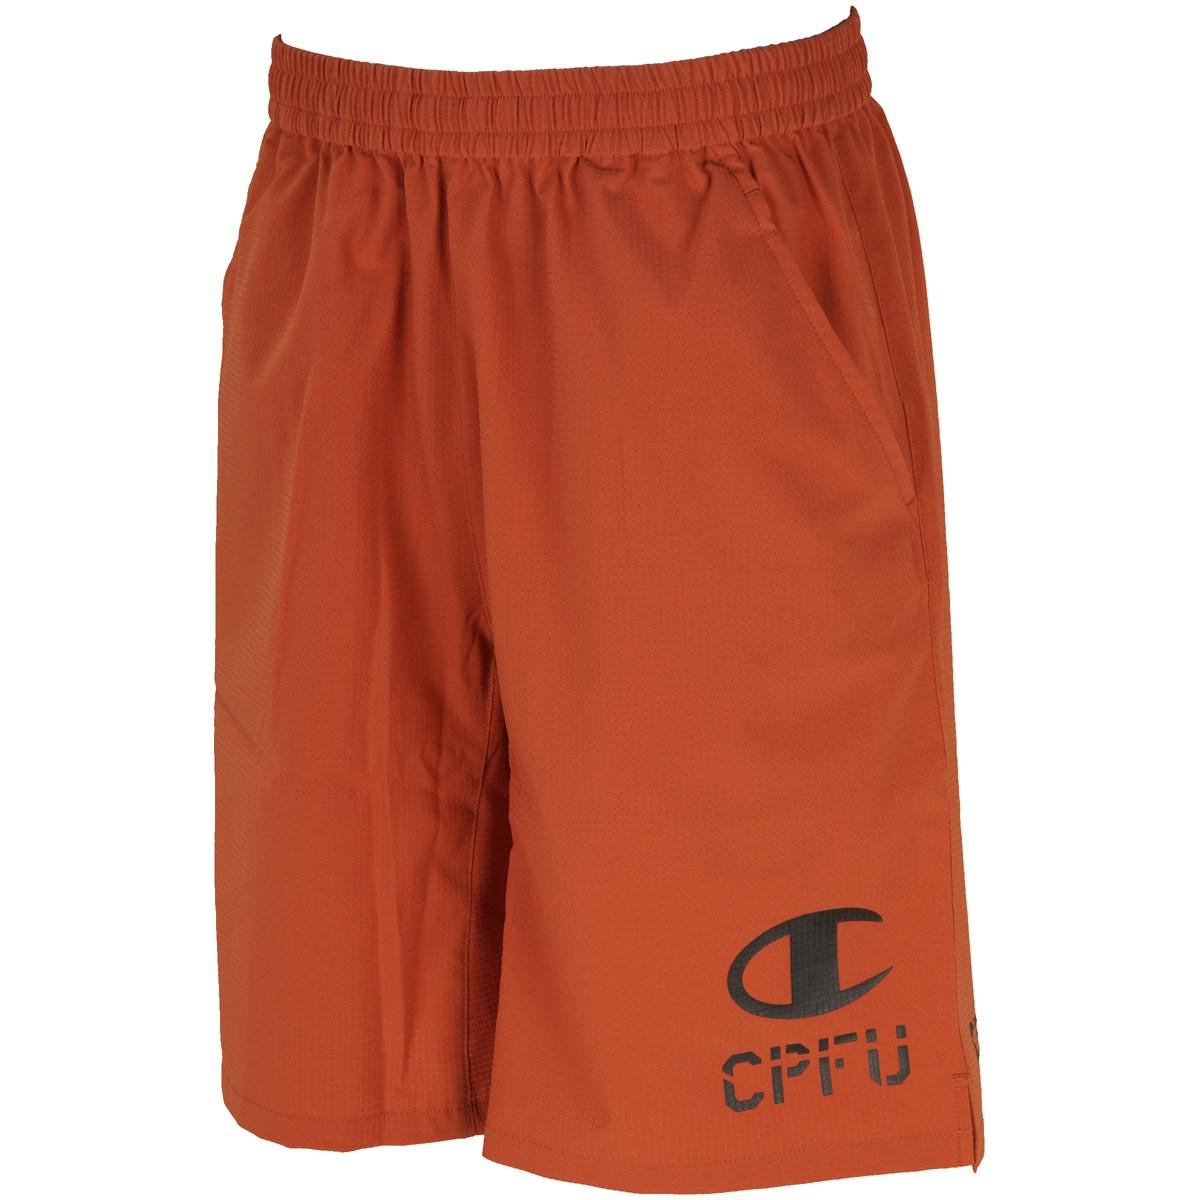 チャンピオン CPFU ストレッチ 軽量 高通気 ハーフパンツ